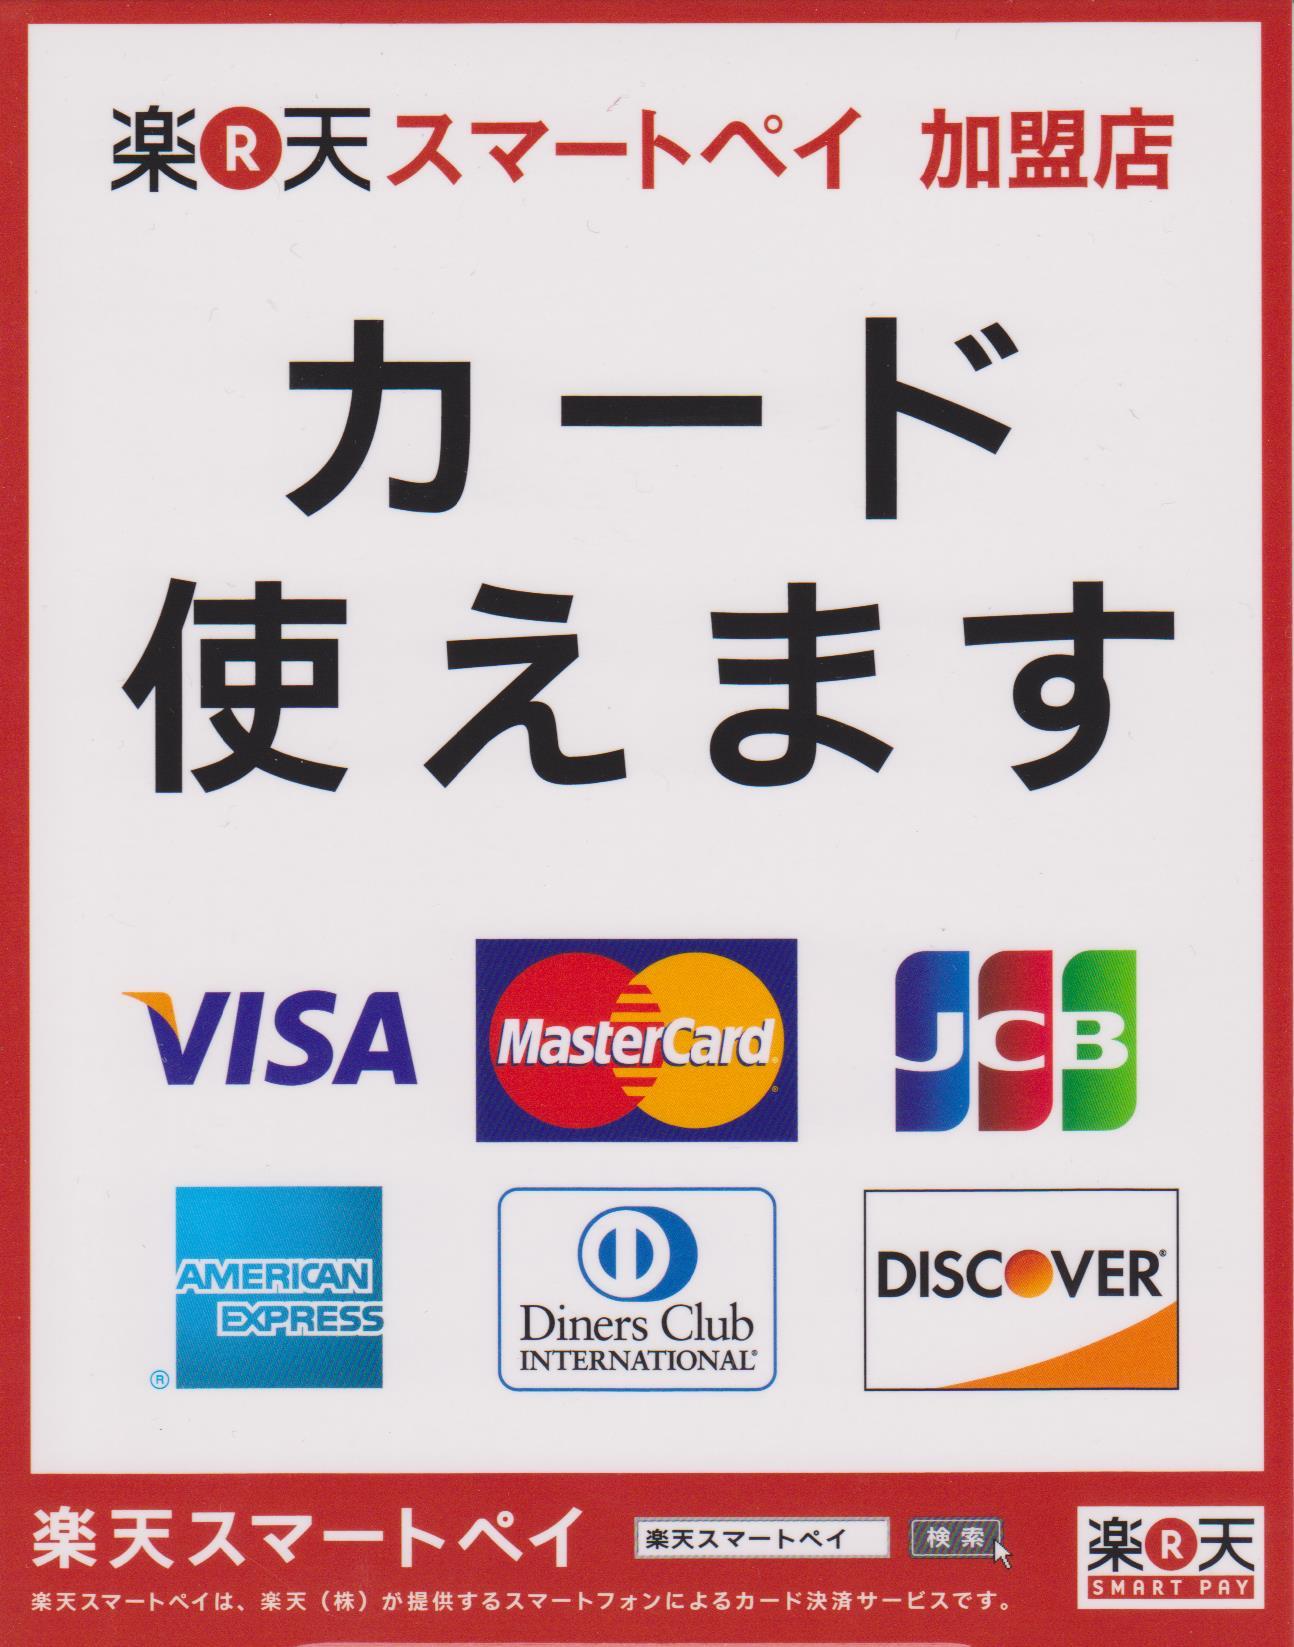 【重要】民宿かどやはクレジットカードでのお支払いが可能です